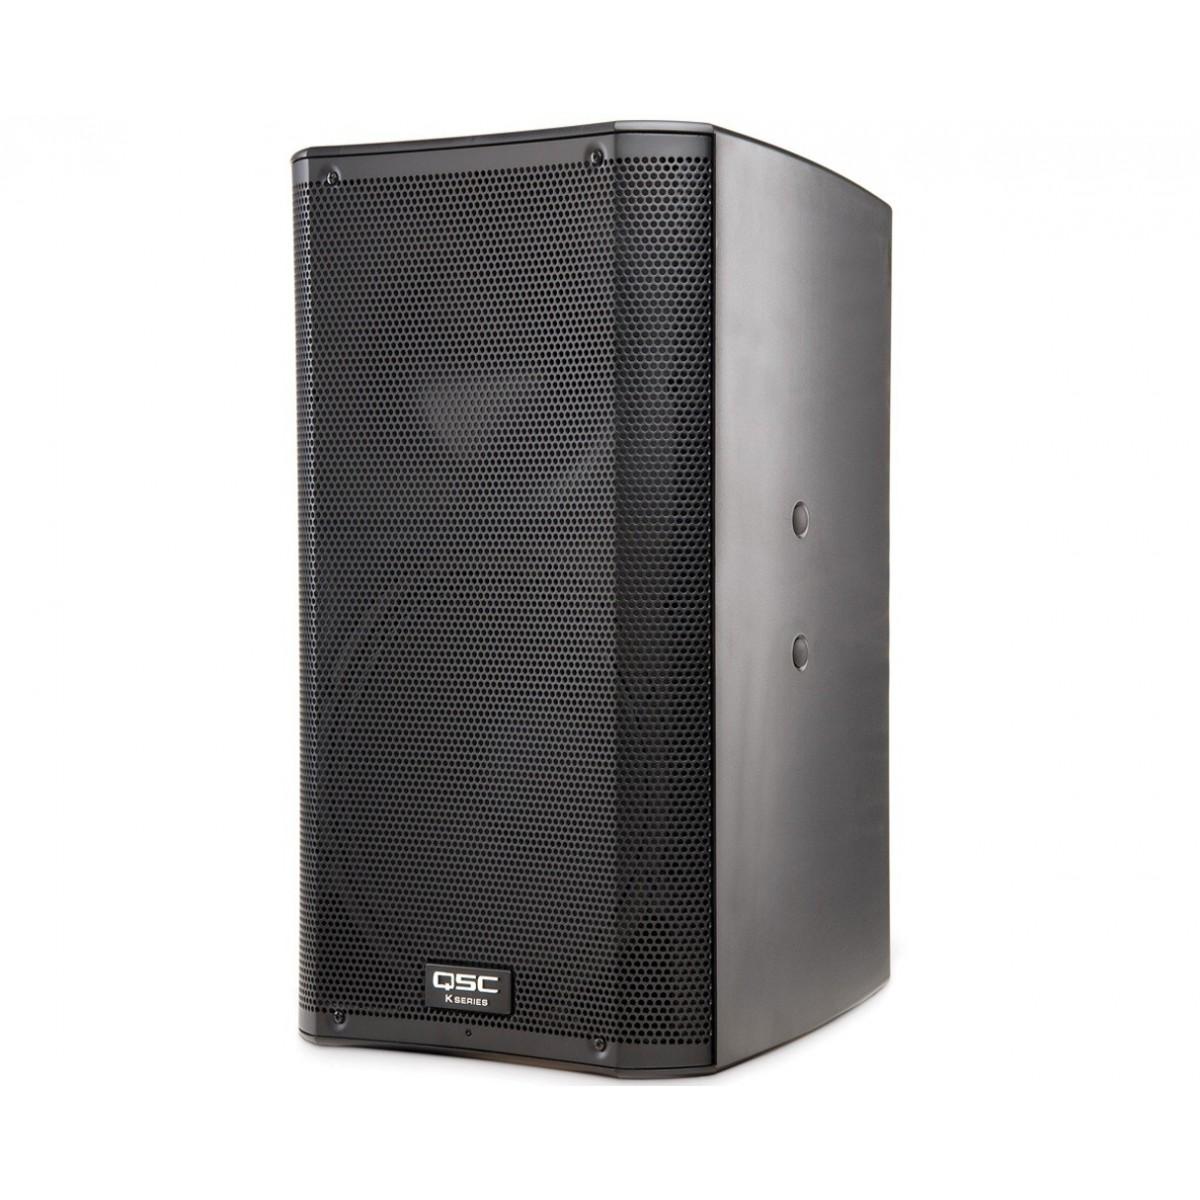 Caixa Acústica QSC K8, K10 e K12